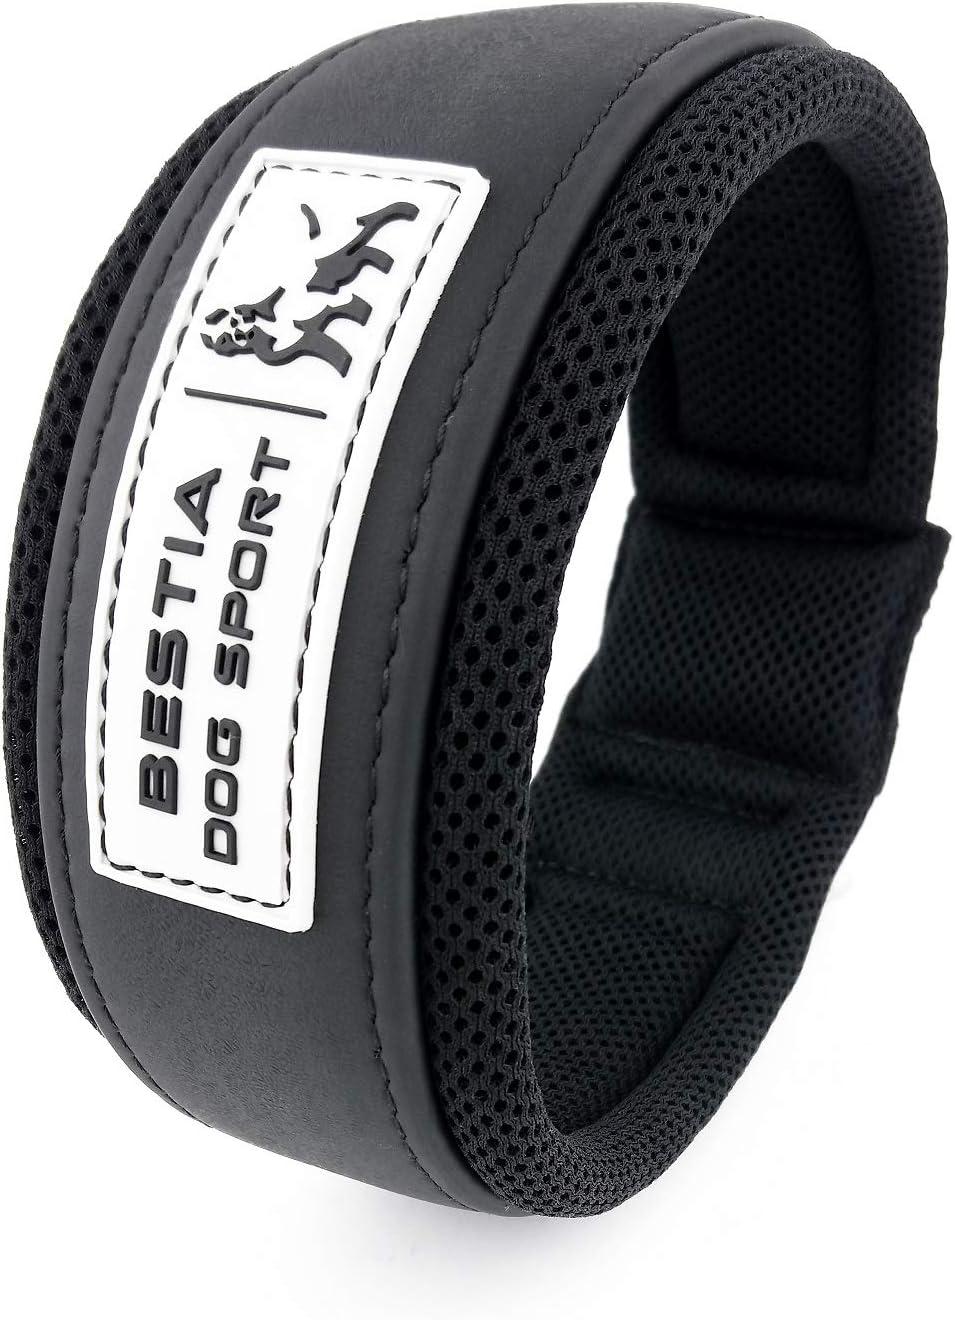 Bestia Dog Sport Collar. Ultra Heavy Duty. Stainless Steel. Waterproof. Padded